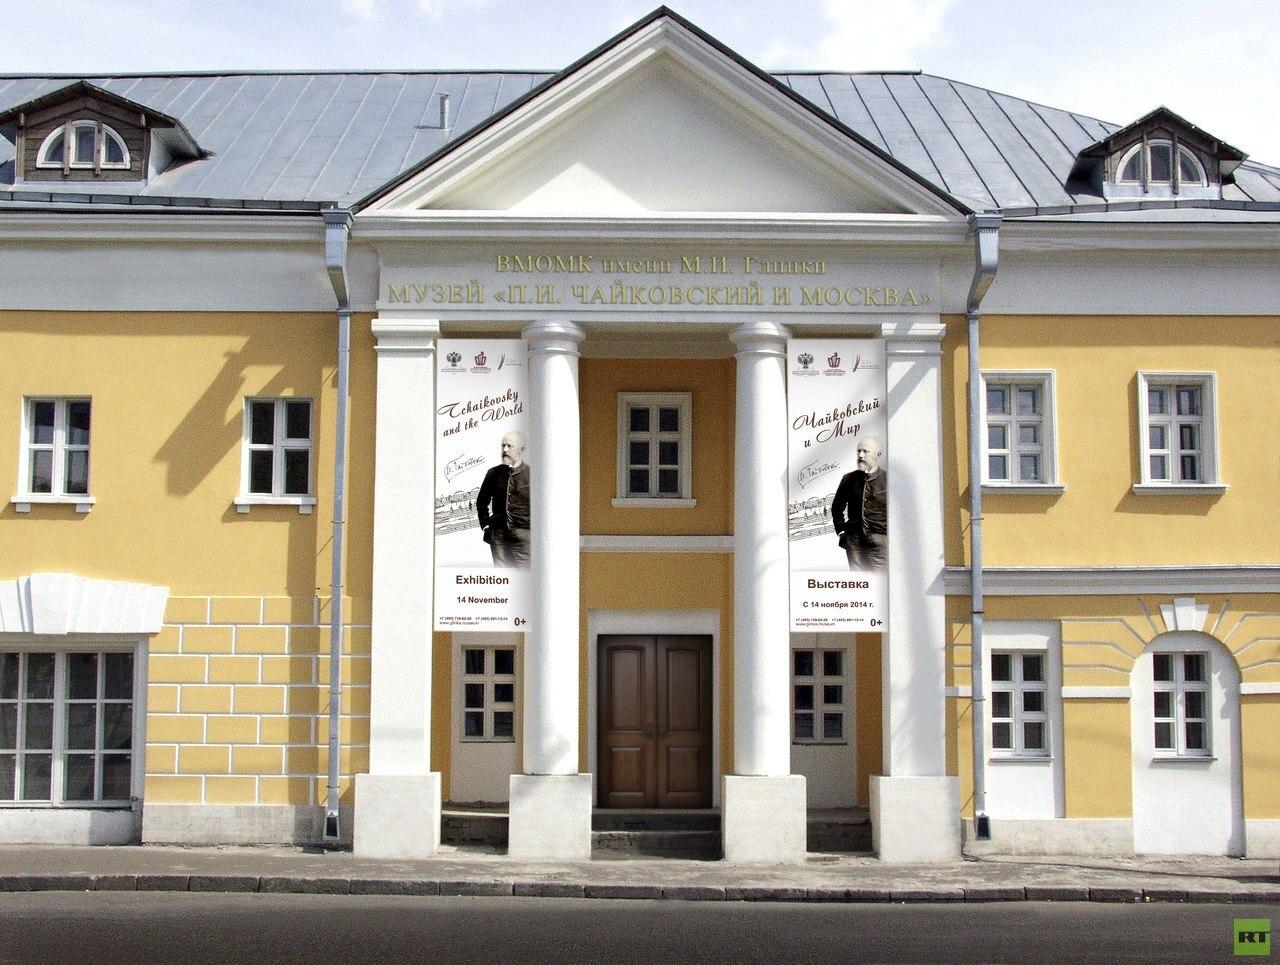 طرائف متحف تشايكوفسكي في موسكو